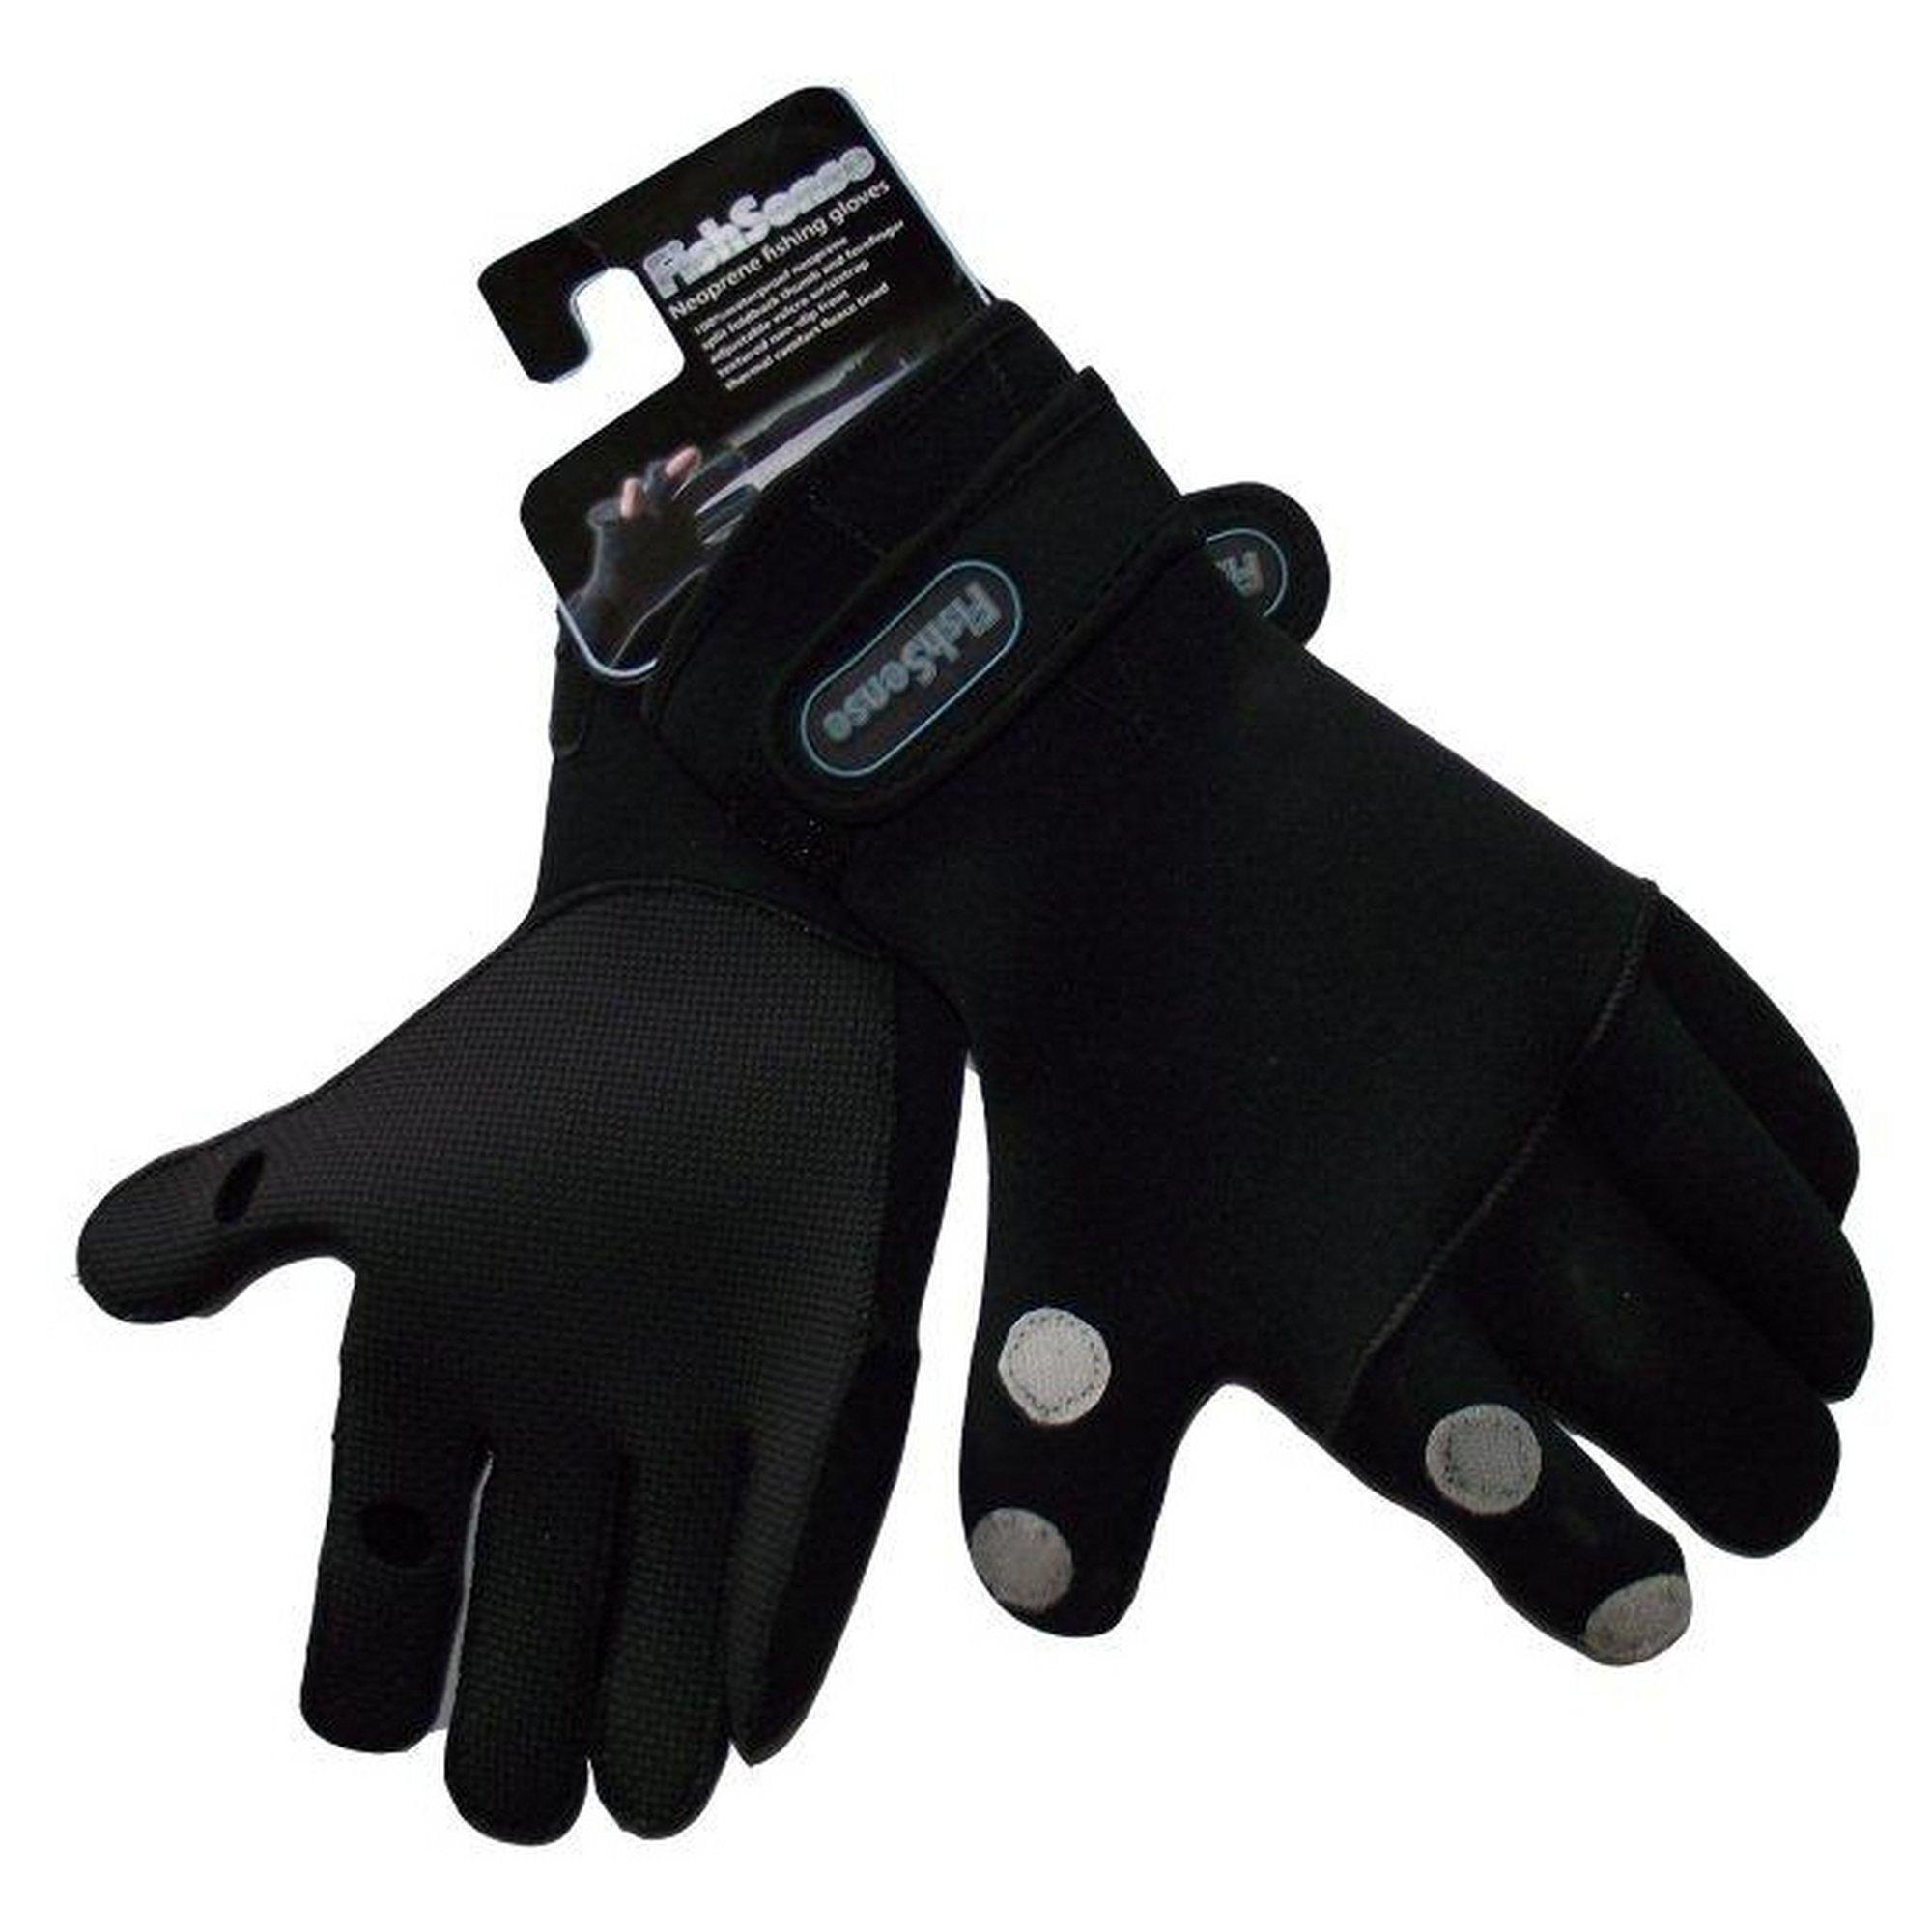 Image of FishSense Neoprene Fishing Gloves